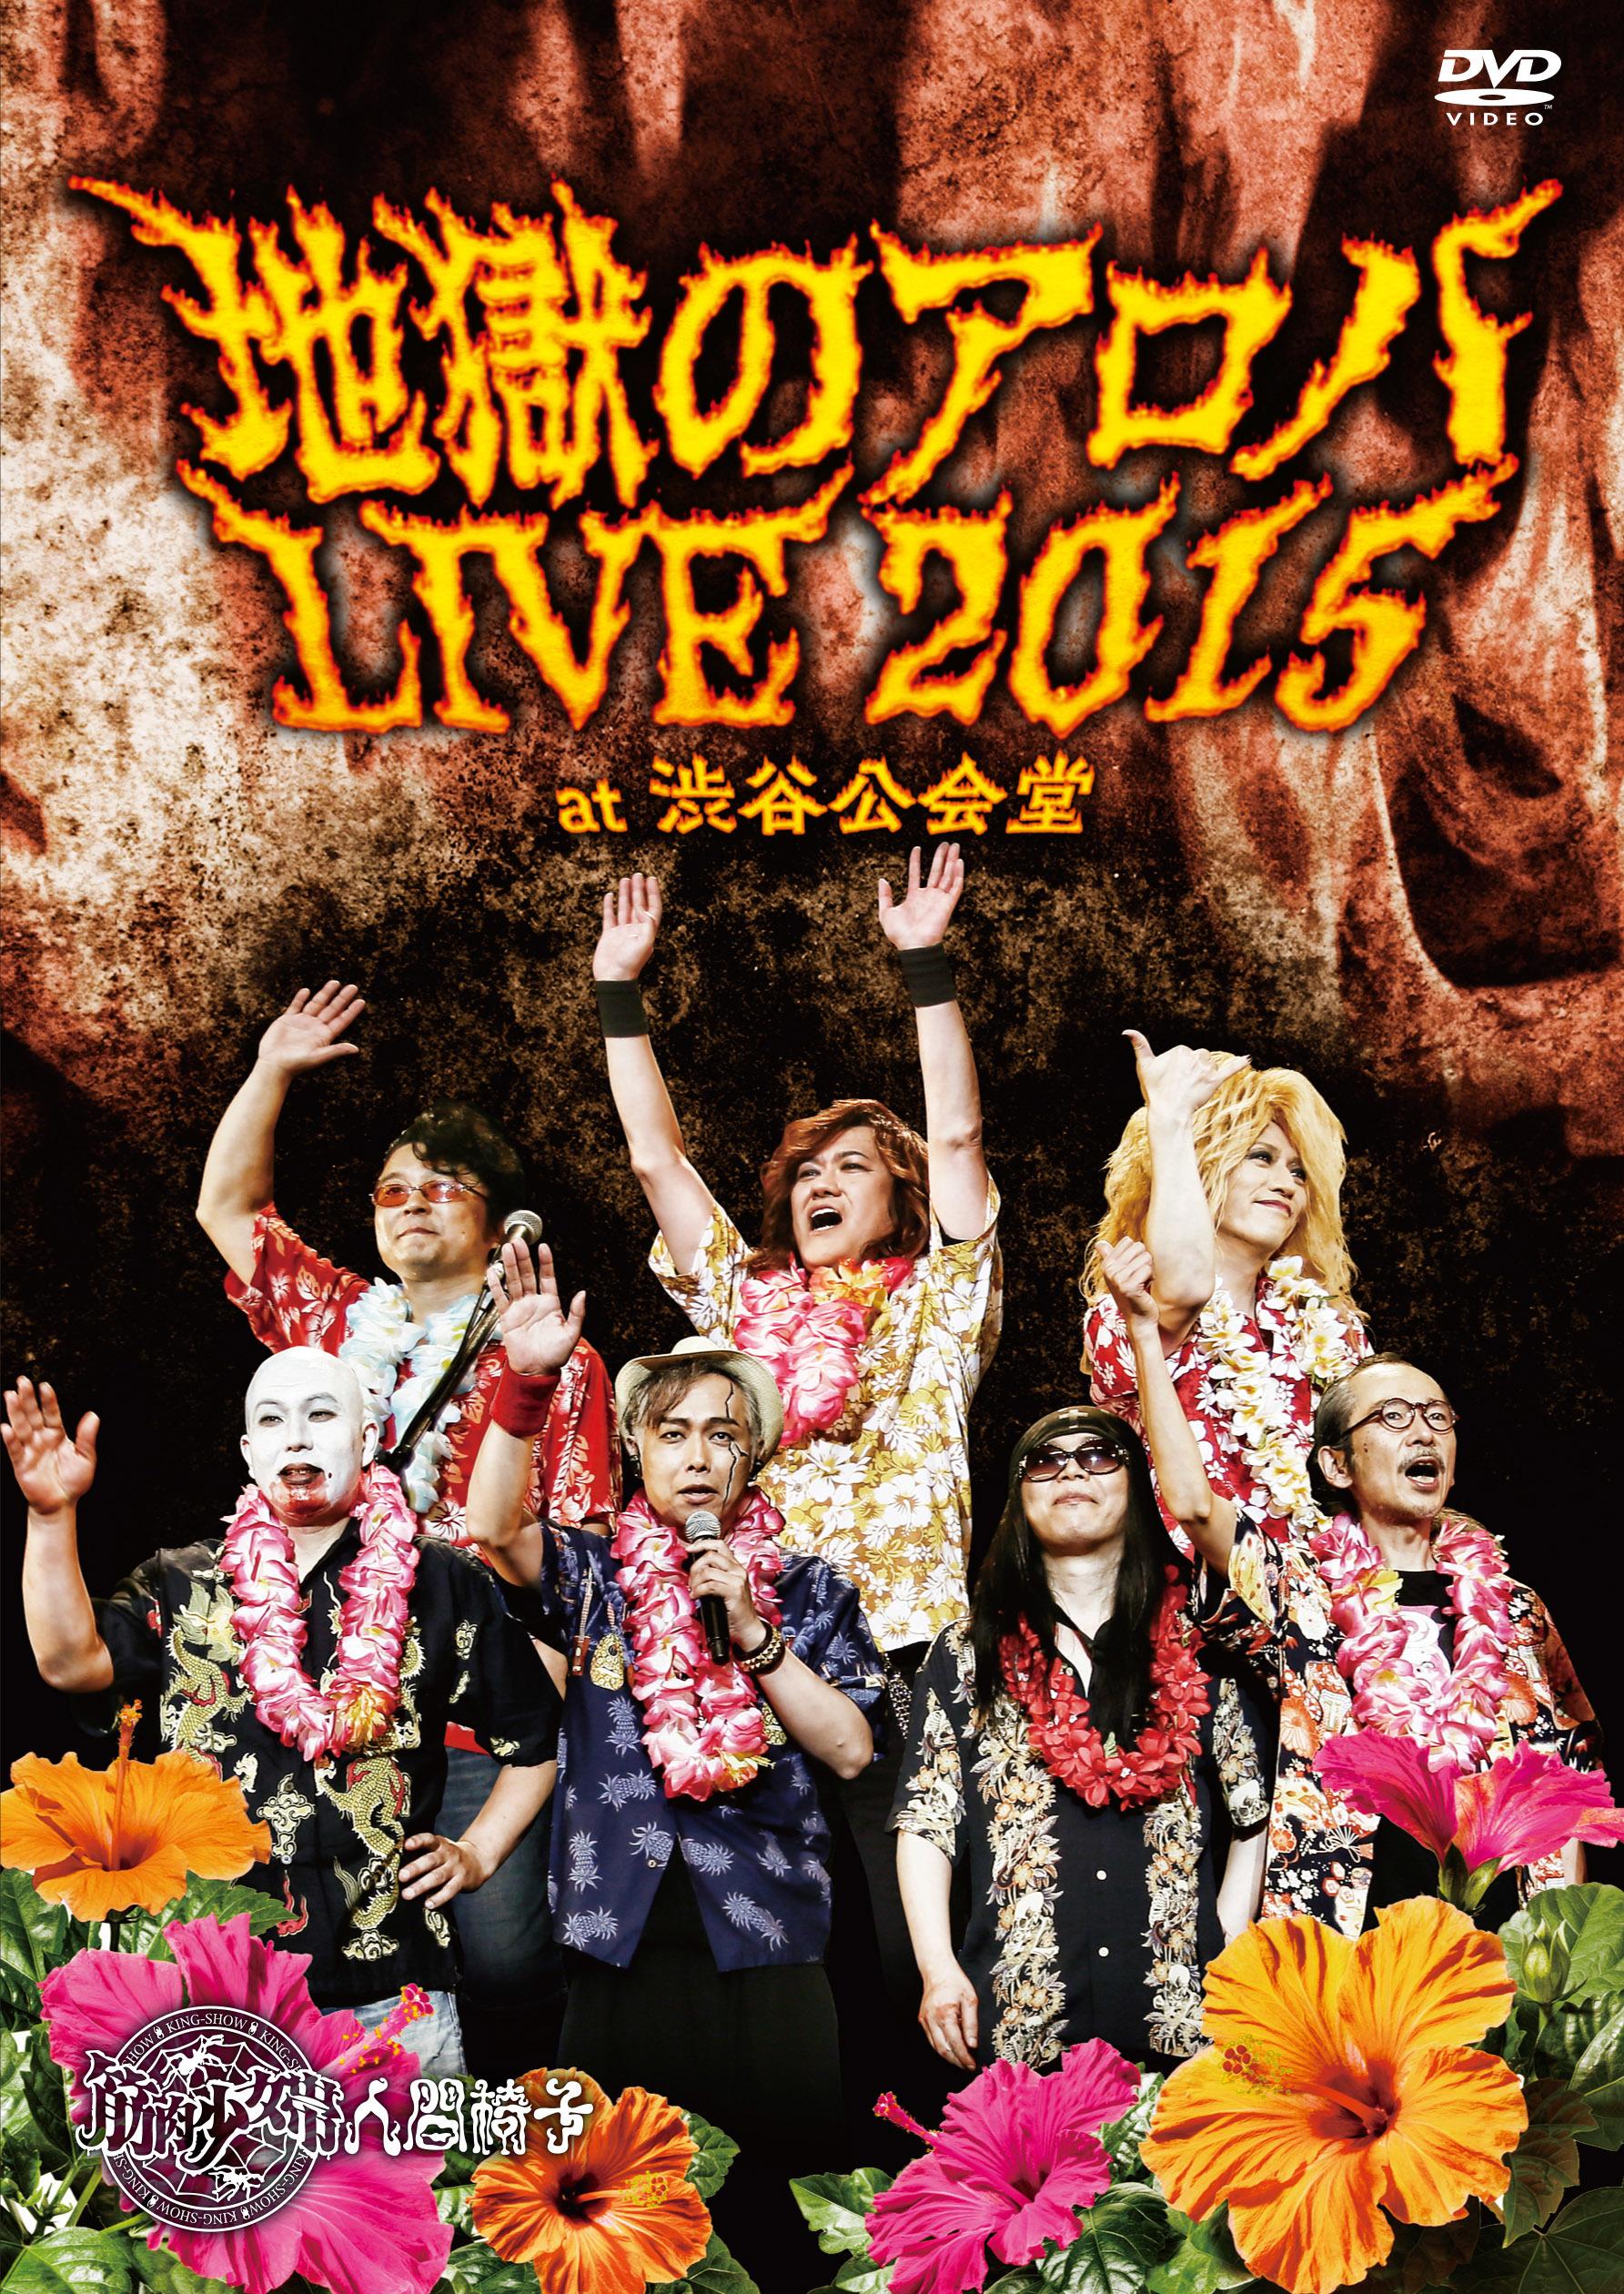 筋肉少女帯人間椅子『地獄のアロハLIVE 2015 at 渋谷公会堂』DVD